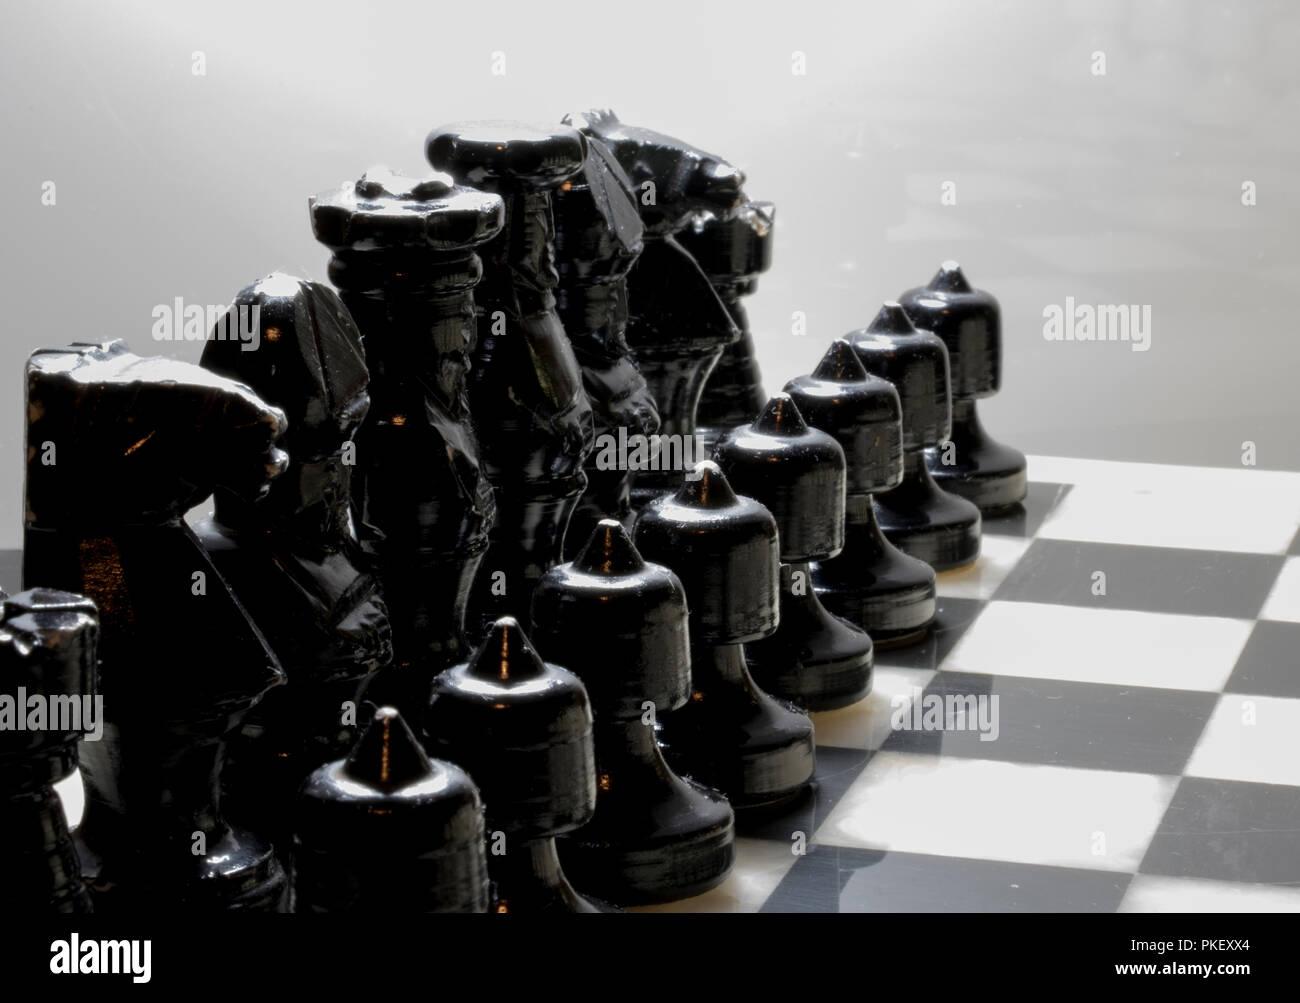 Schwarze Schachfiguren aufgereiht auf einem Schachbrett. Stockfoto